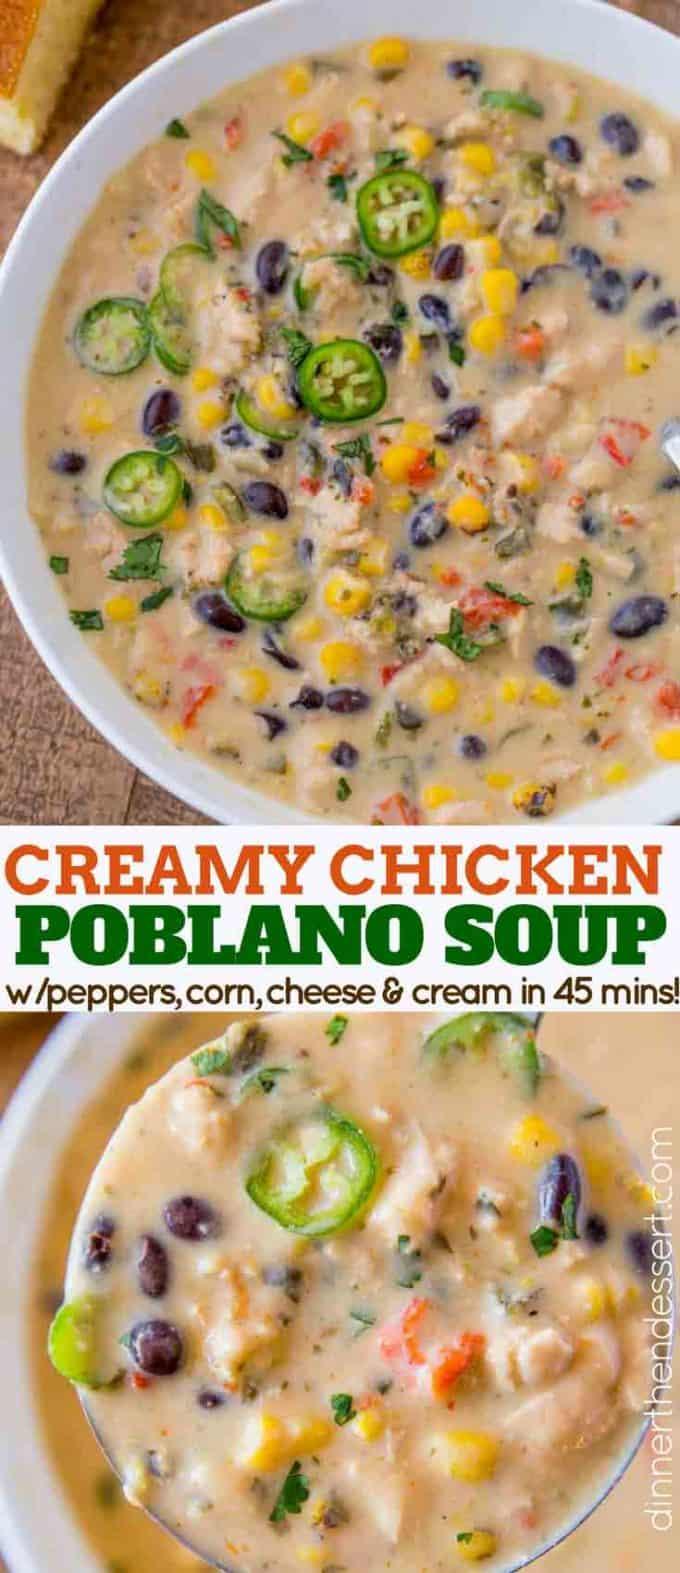 Chicken Poblano Pepper Soup